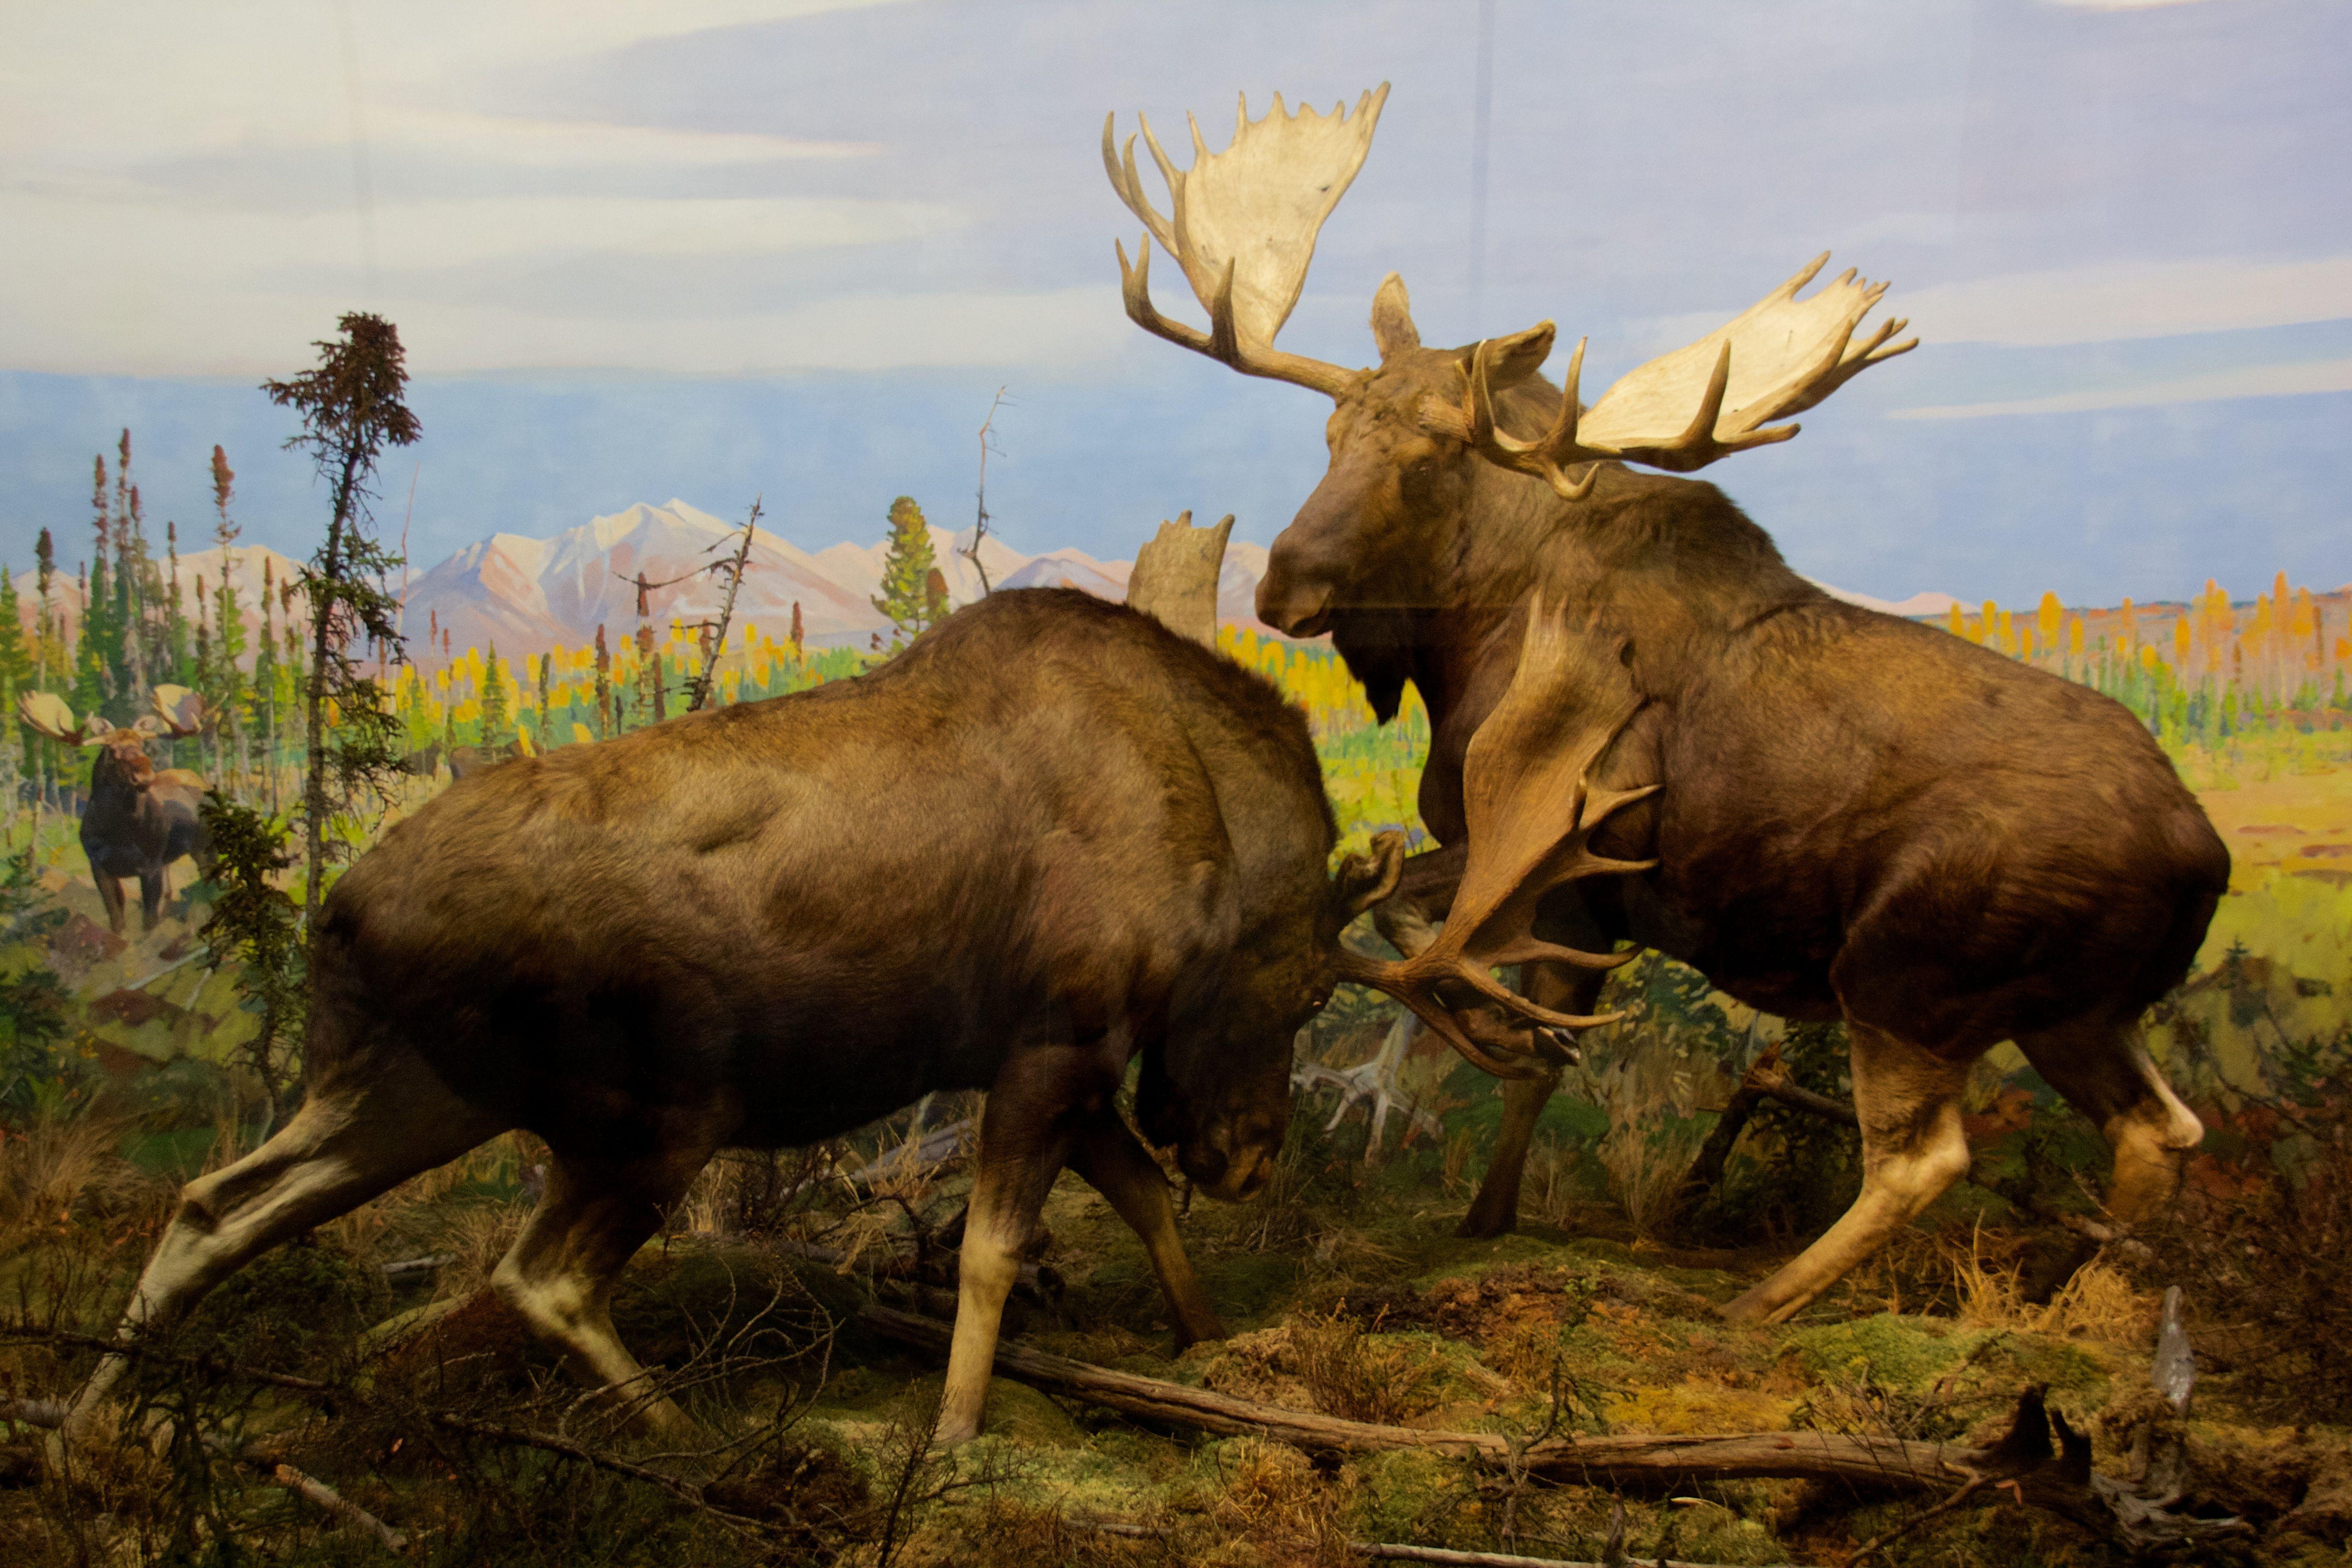 Alaska_Moose_at_the_American_Museum_of_Natural_History.jpg (5184×3456)